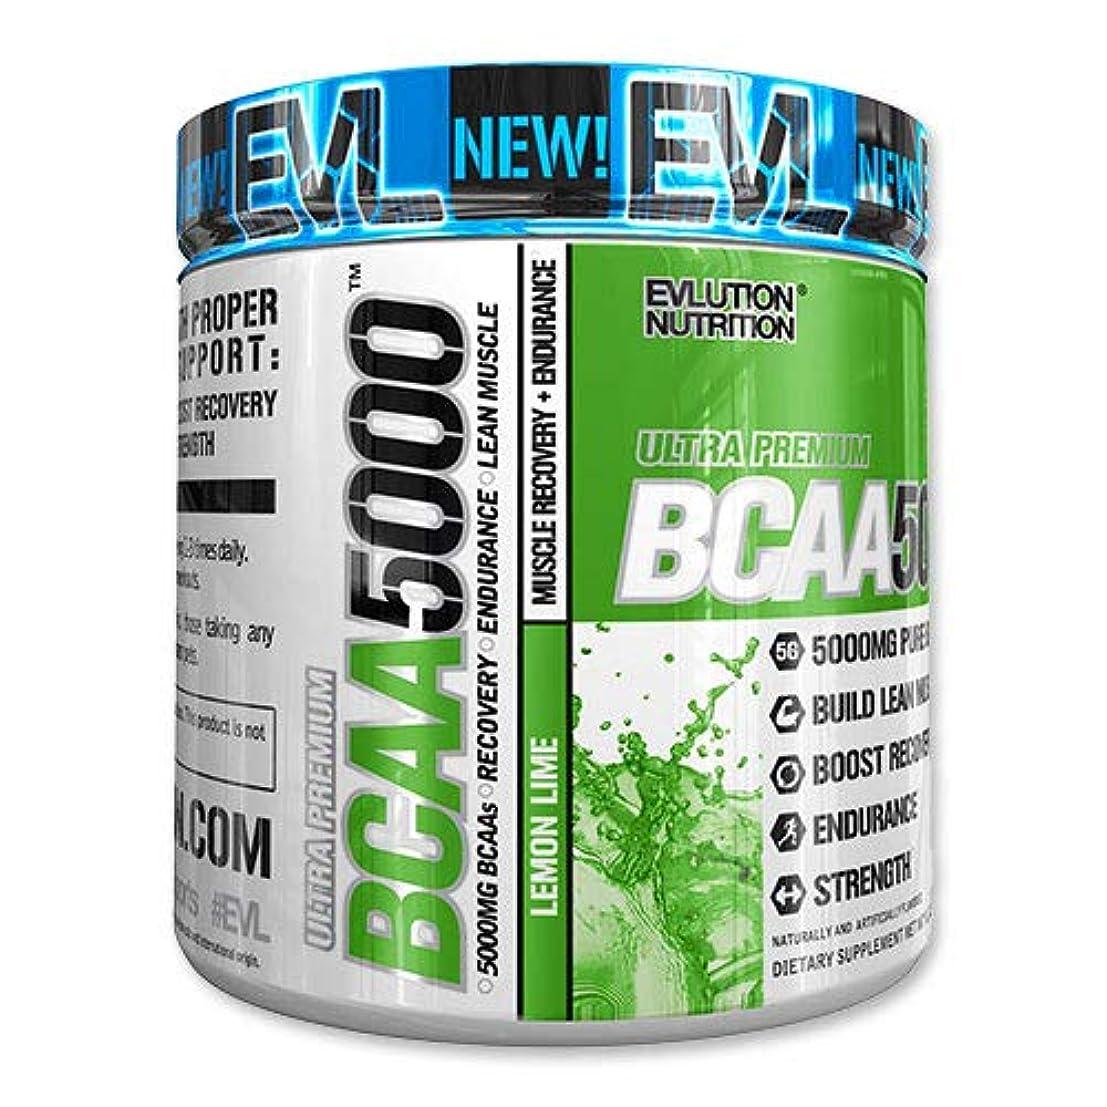 かかわらず保存漂流BCAA 5000 レモンライム 258g(9.1oz)《約30回分》Evlution Nutrition(エボリューションニュートリション)[海外直送品]